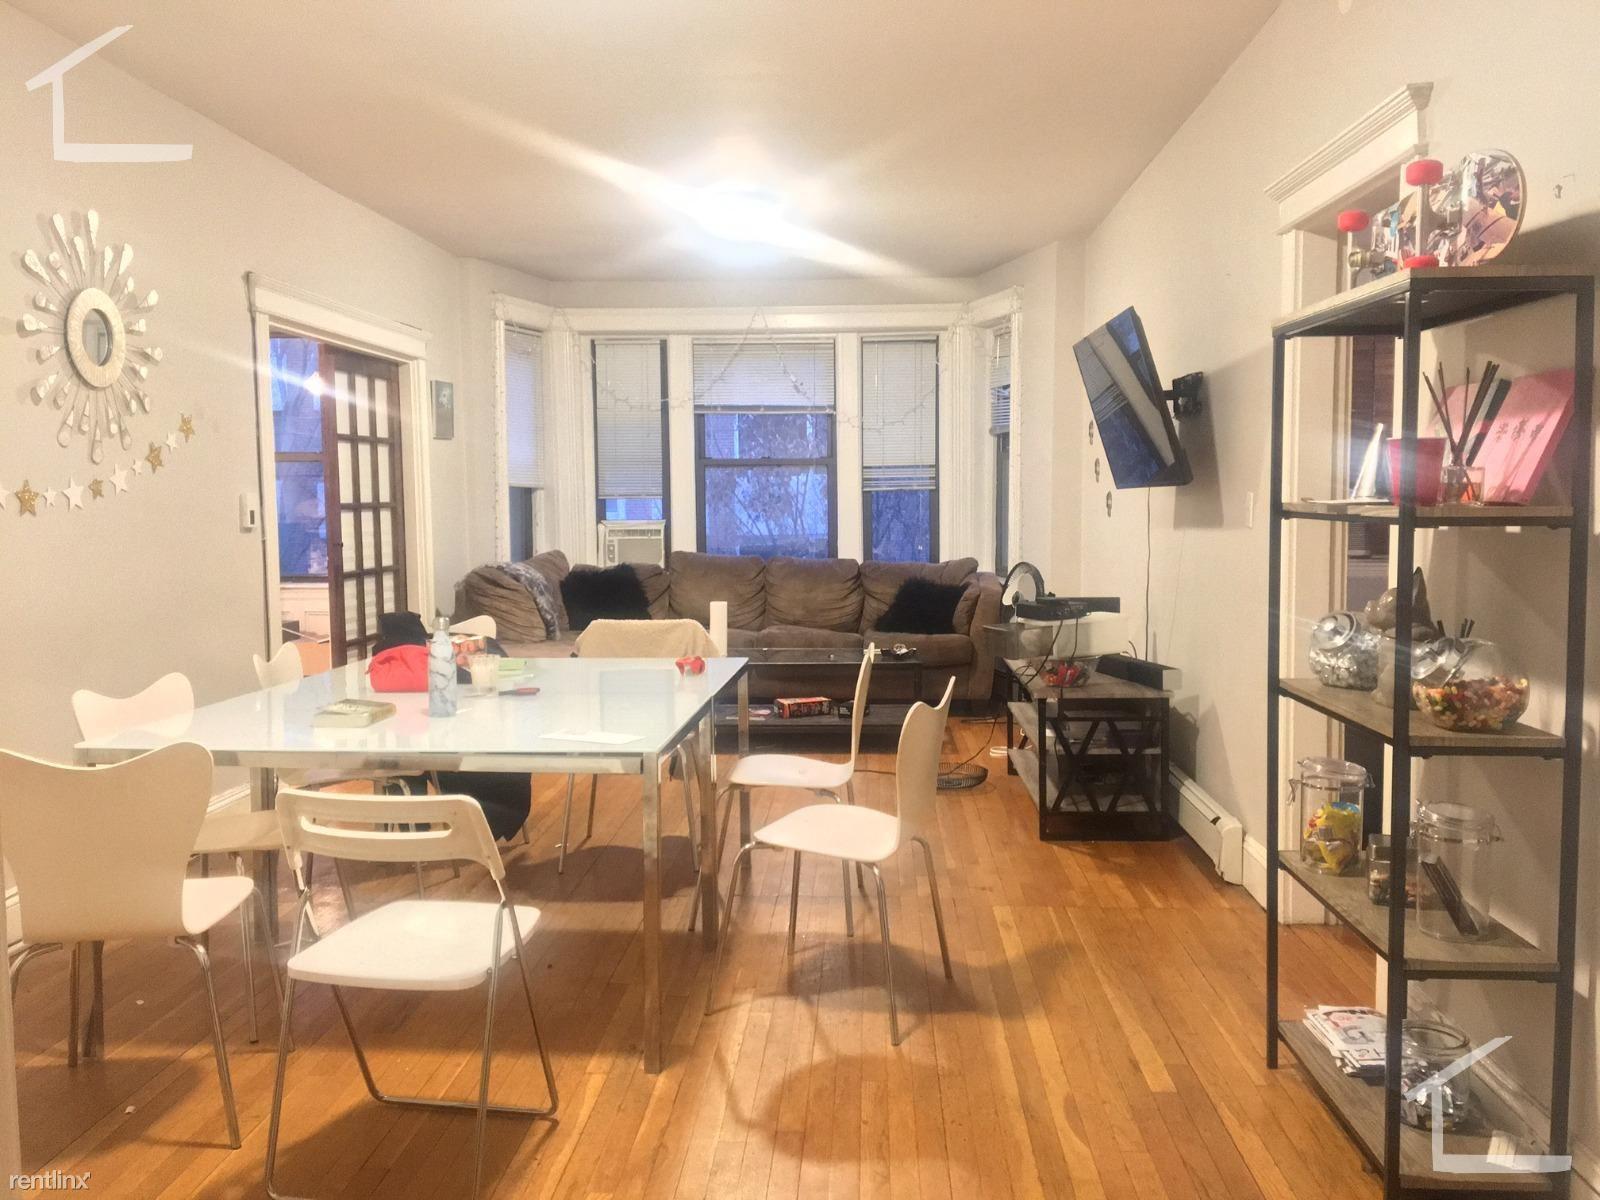 215 Saint Paul St Apt 2, Brookline, MA - $6,500